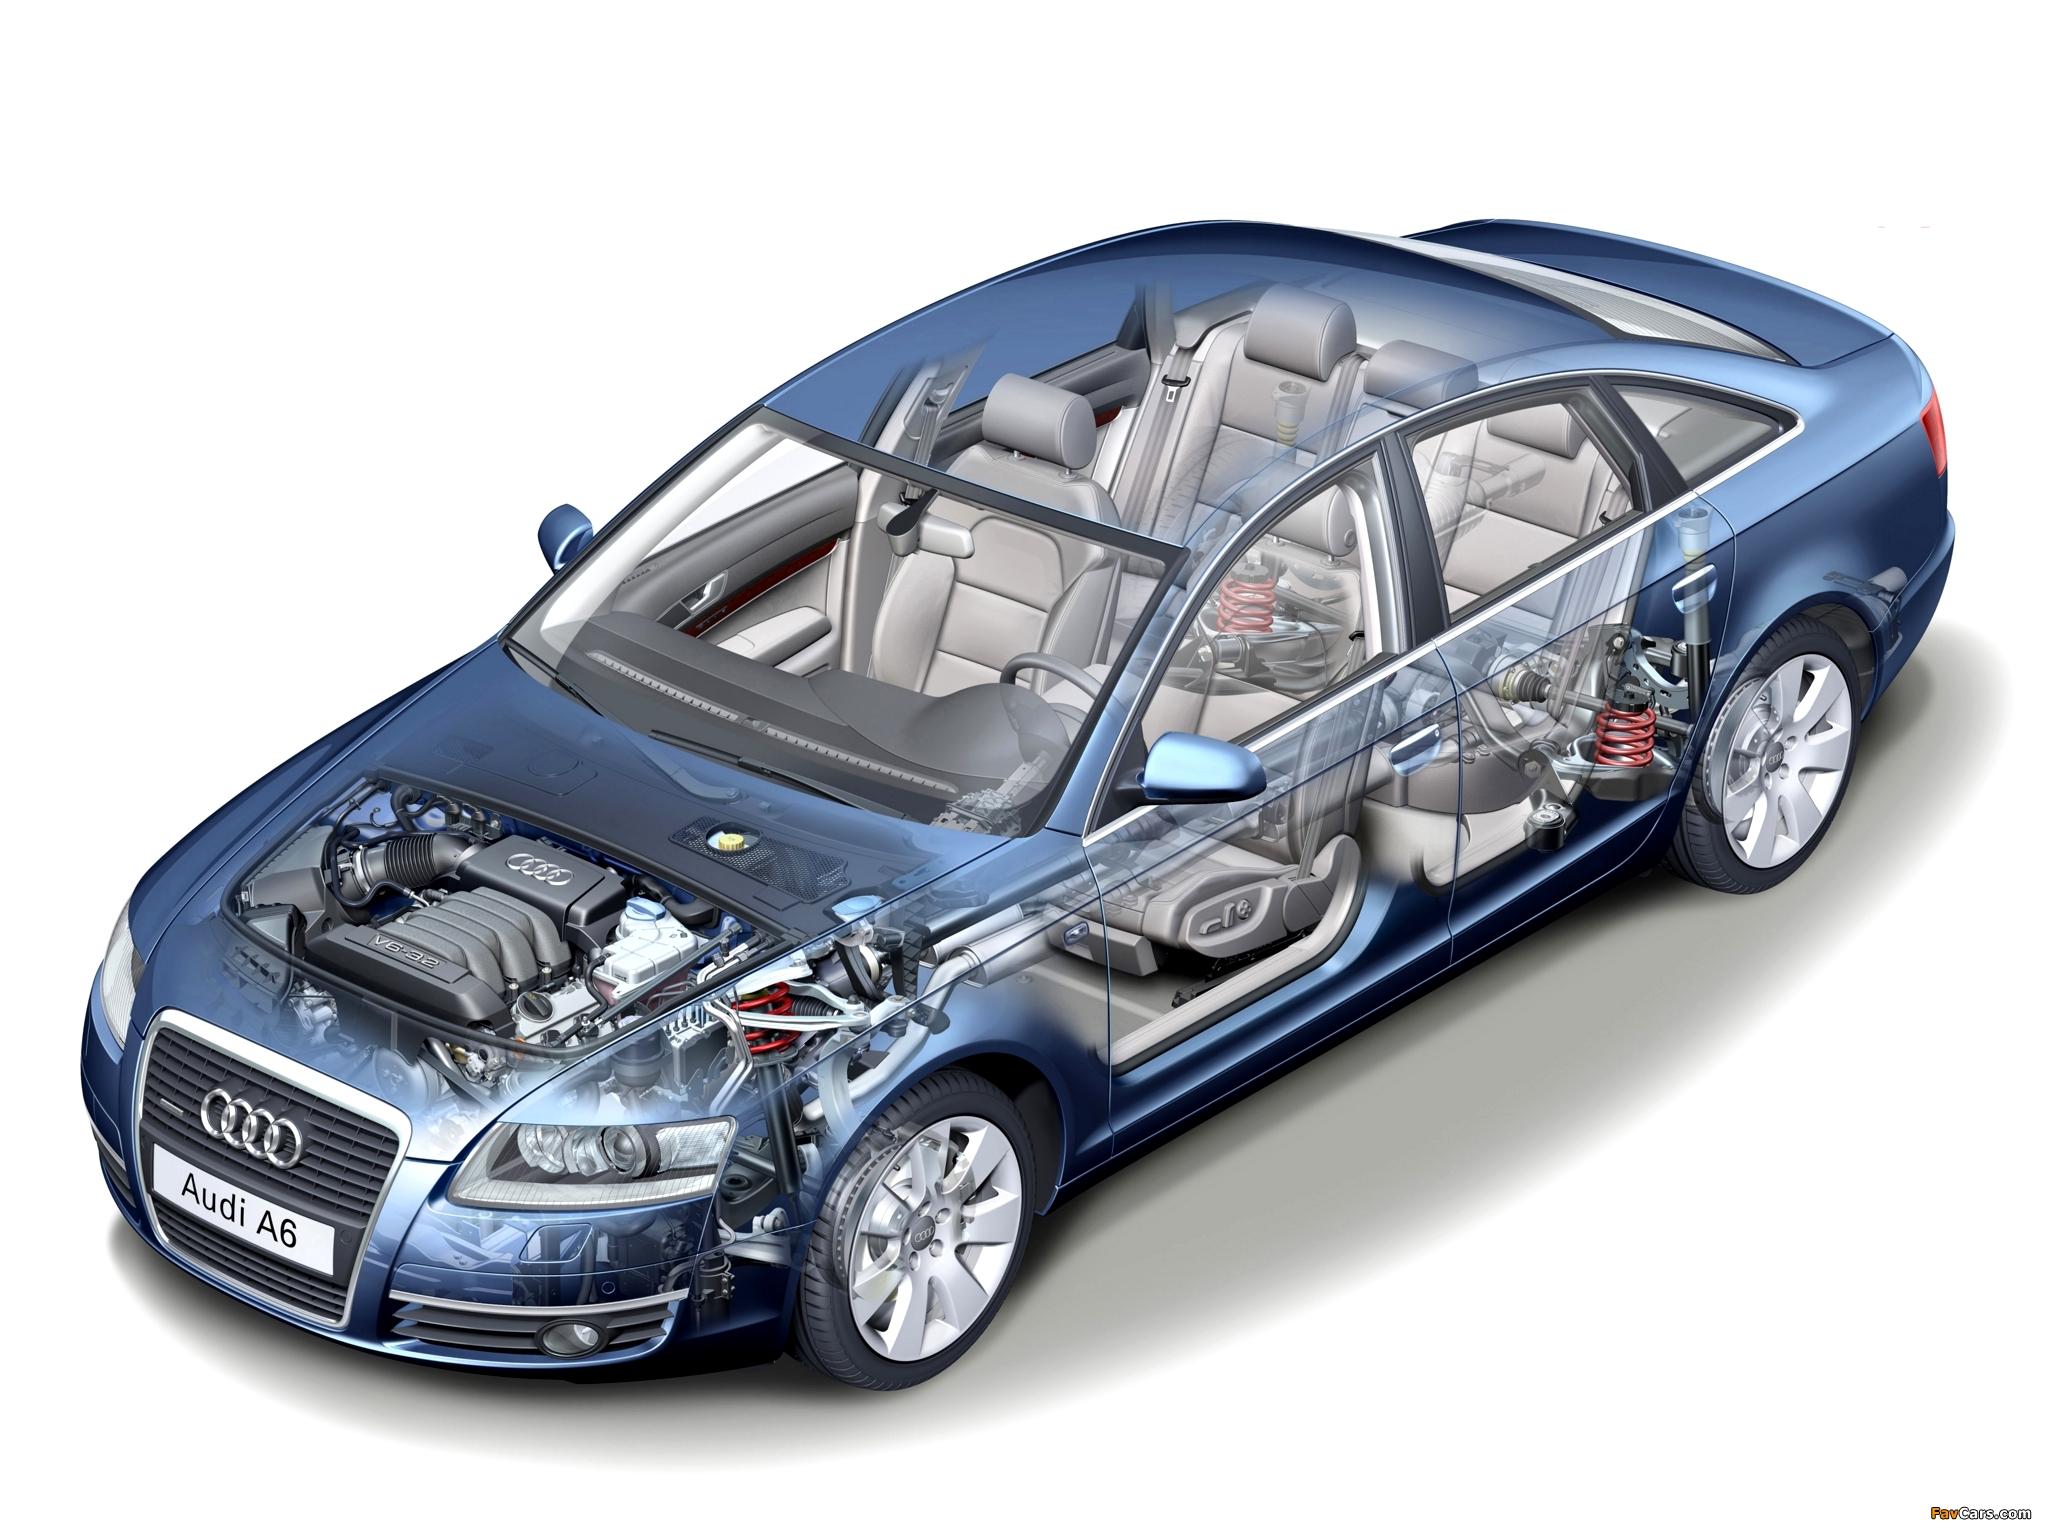 Audi A6 3 2 Quattro Sedan 4f C6 2005 08 Pictures 2048x1536